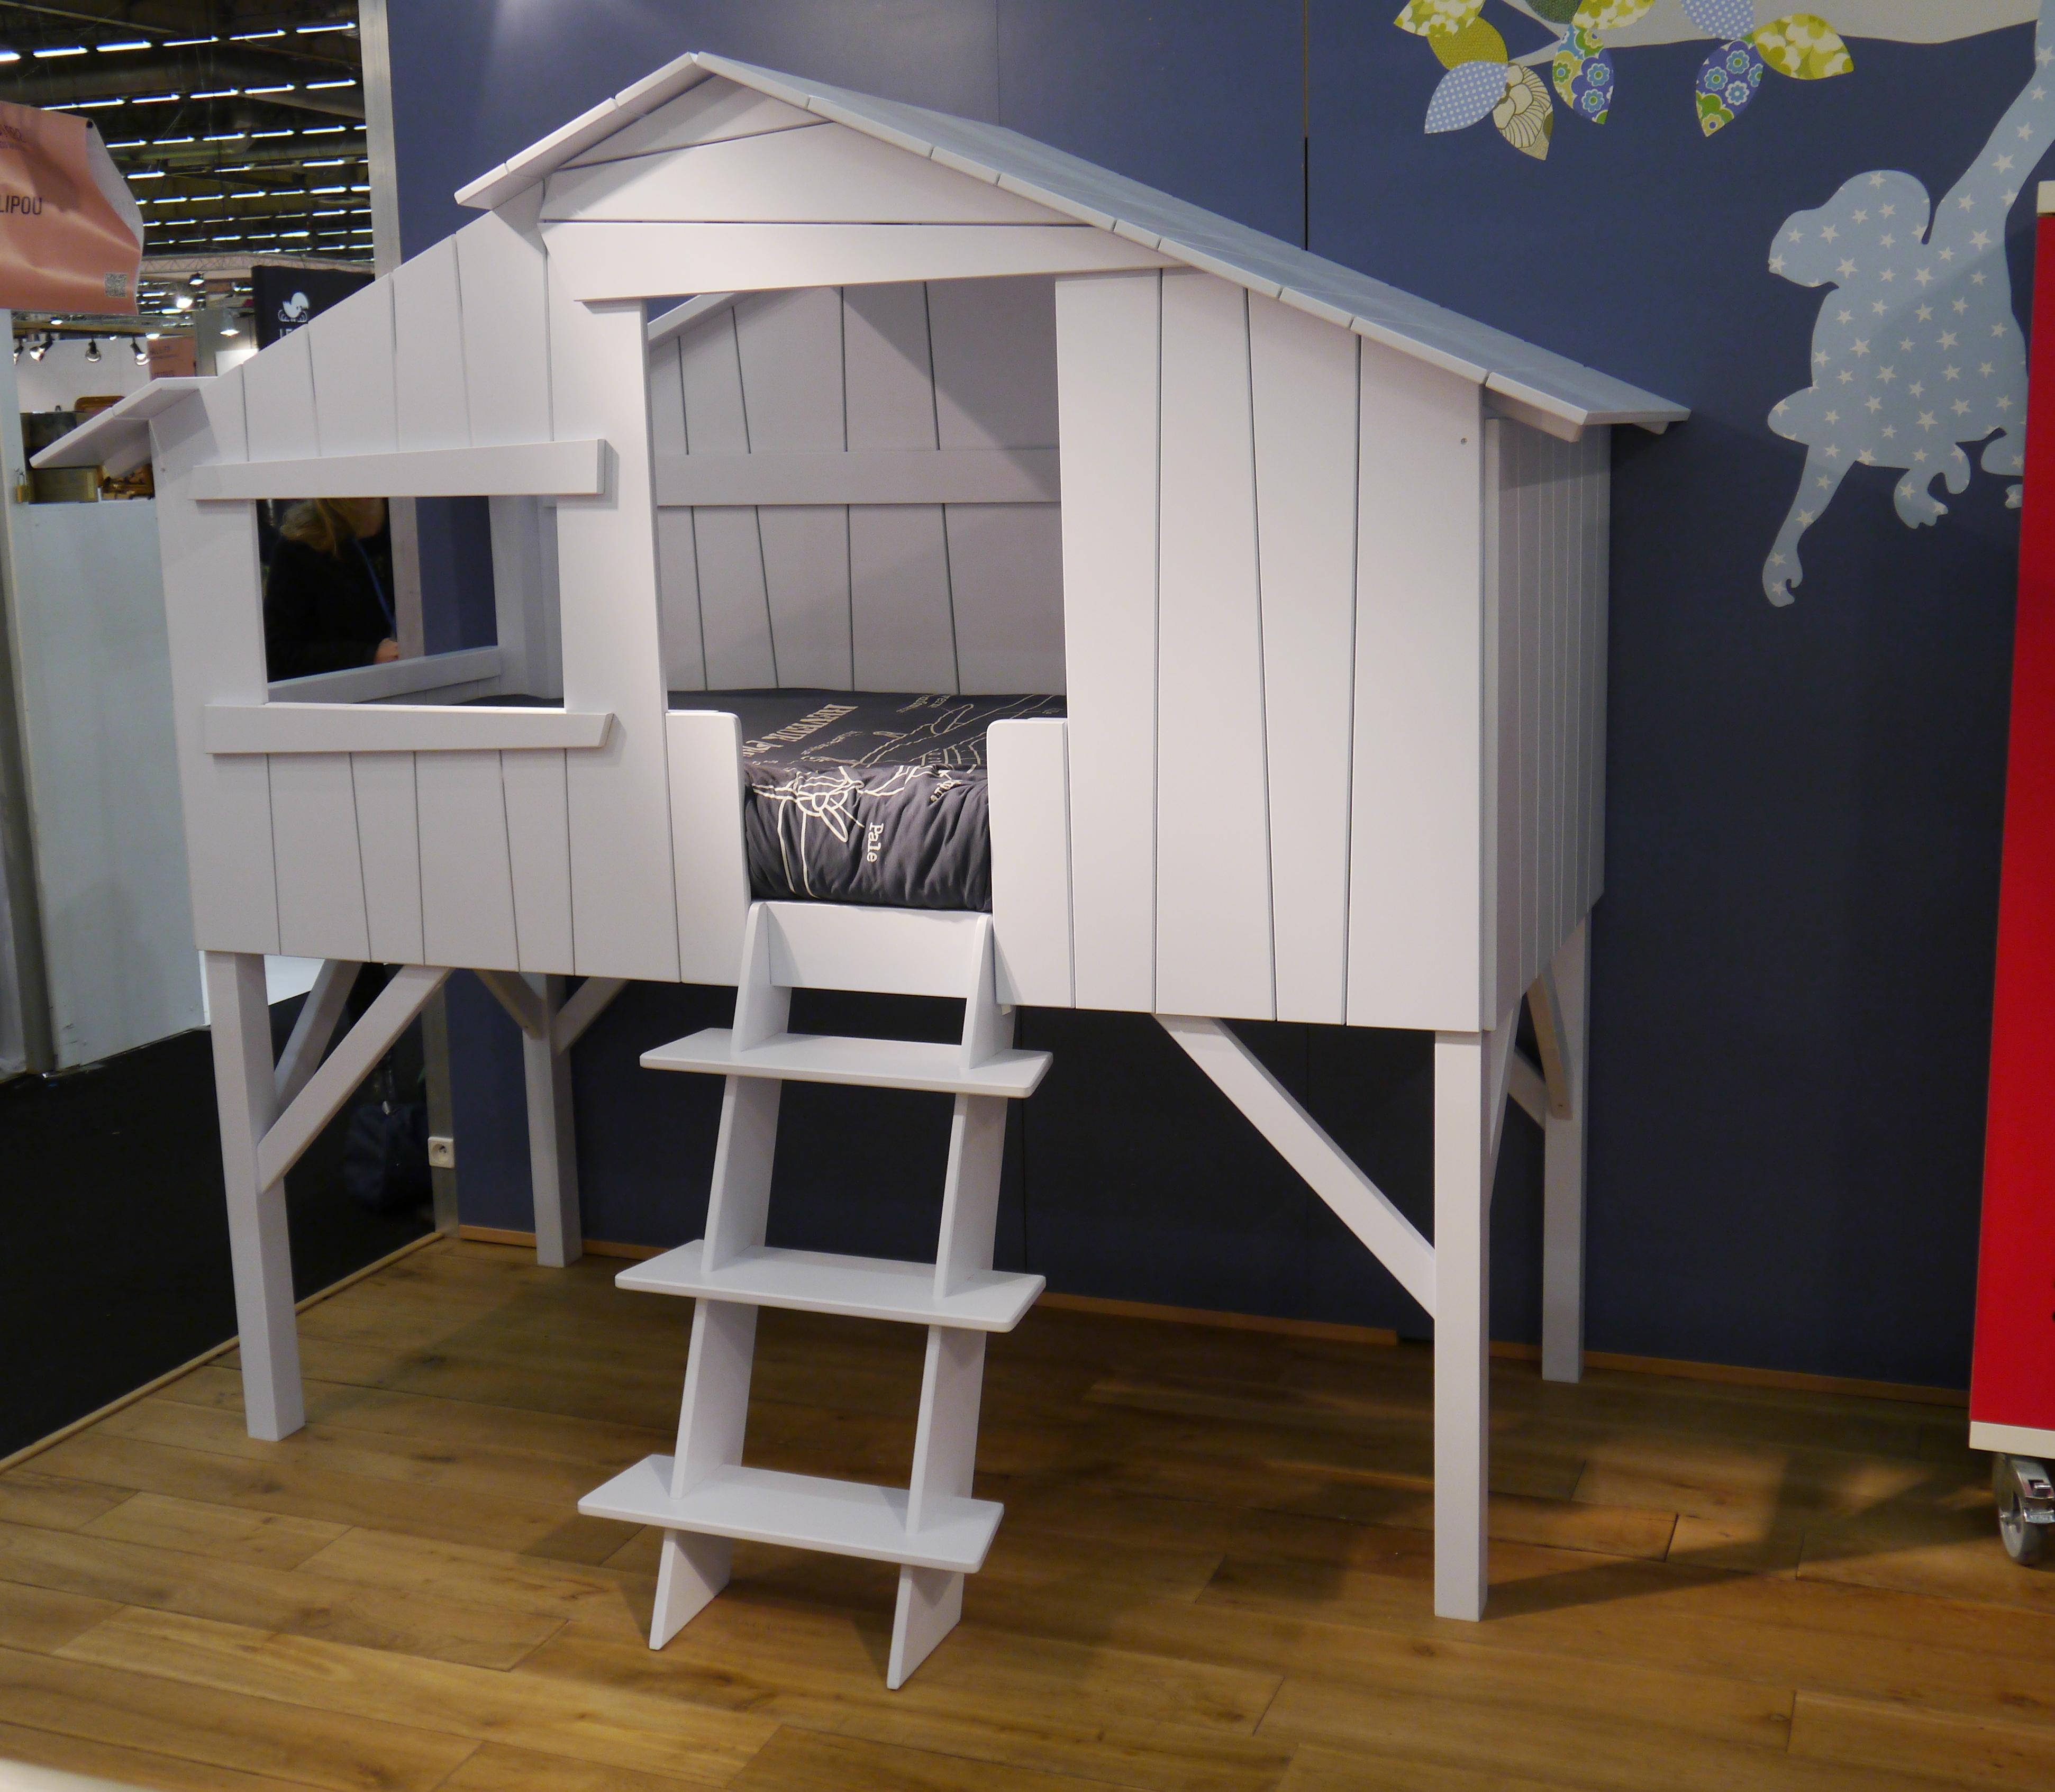 lit cabane mathy by bols votre concept store saint martin pour toute la famille livraison. Black Bedroom Furniture Sets. Home Design Ideas